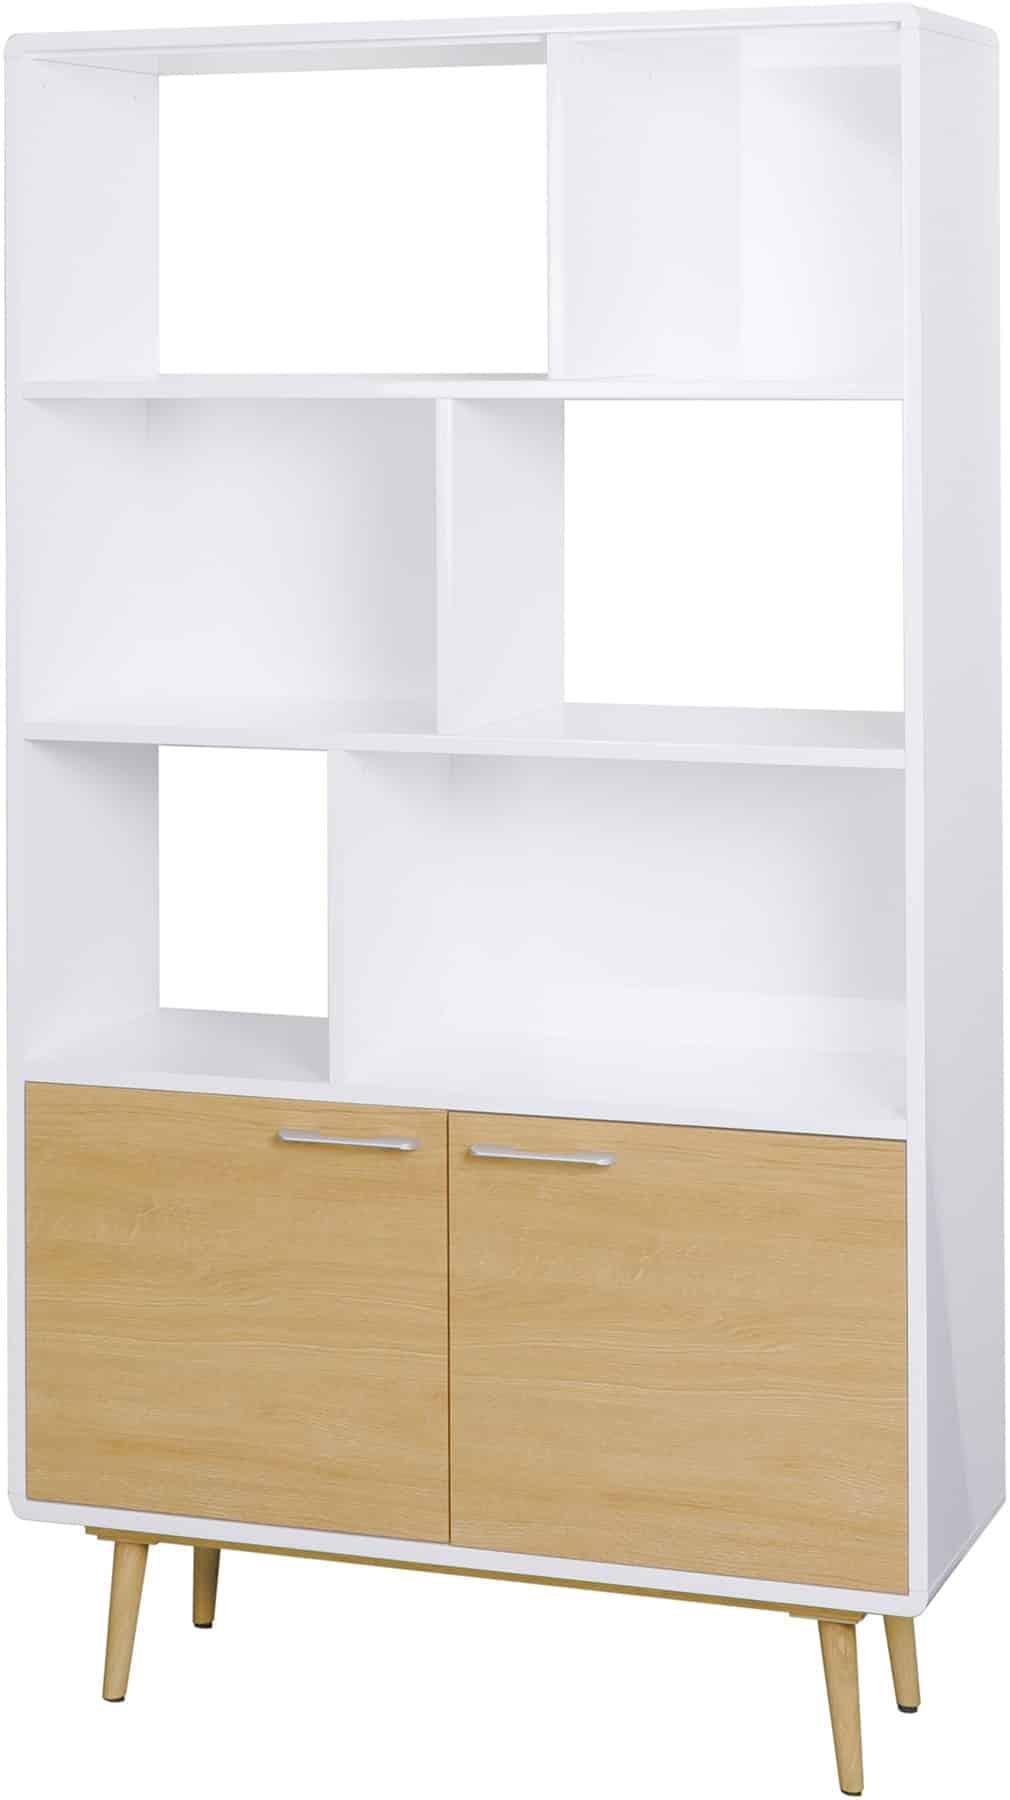 bookcase_1portifino